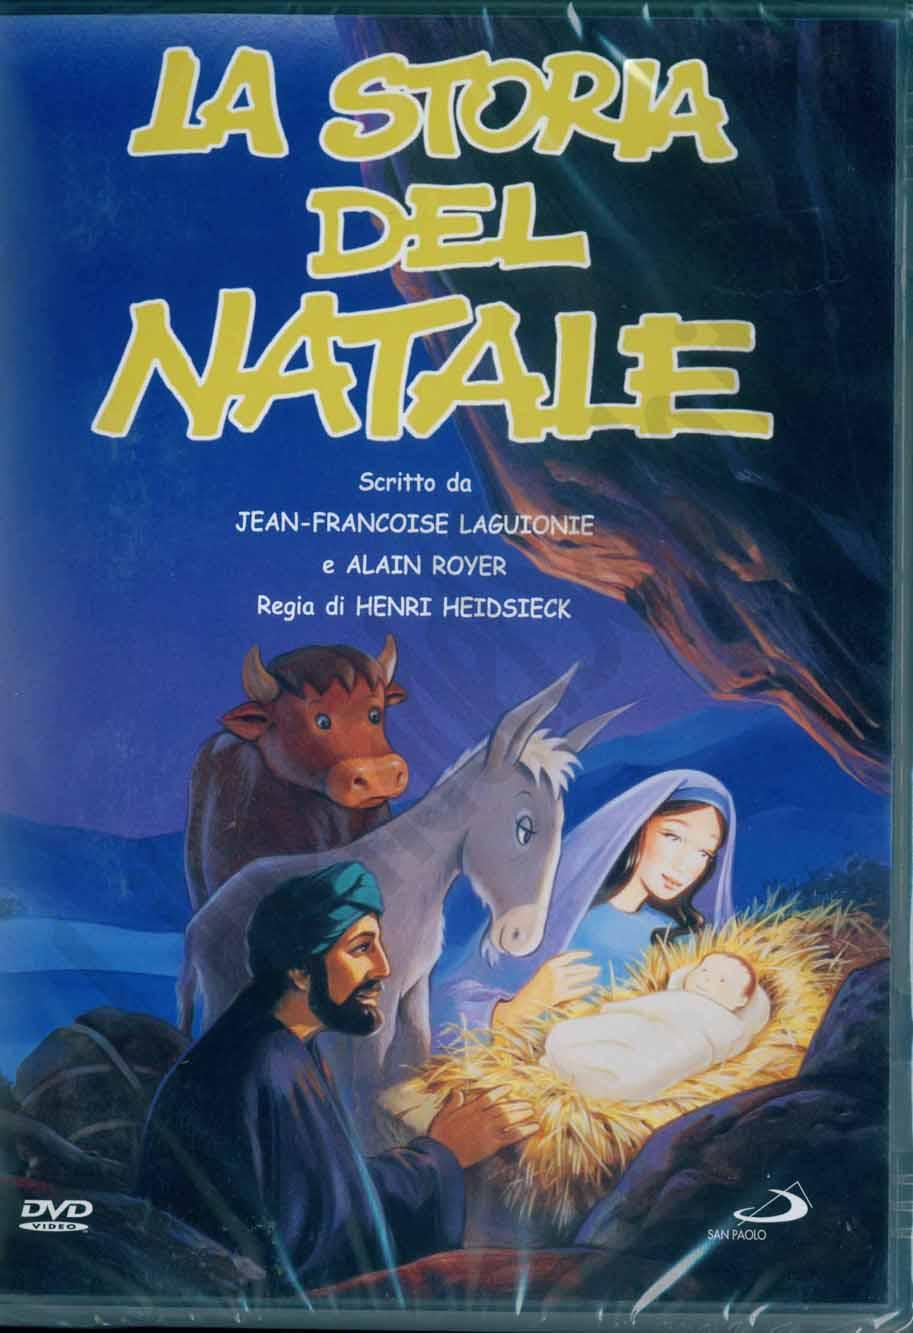 La storia del natale dvd heidsieck henri film